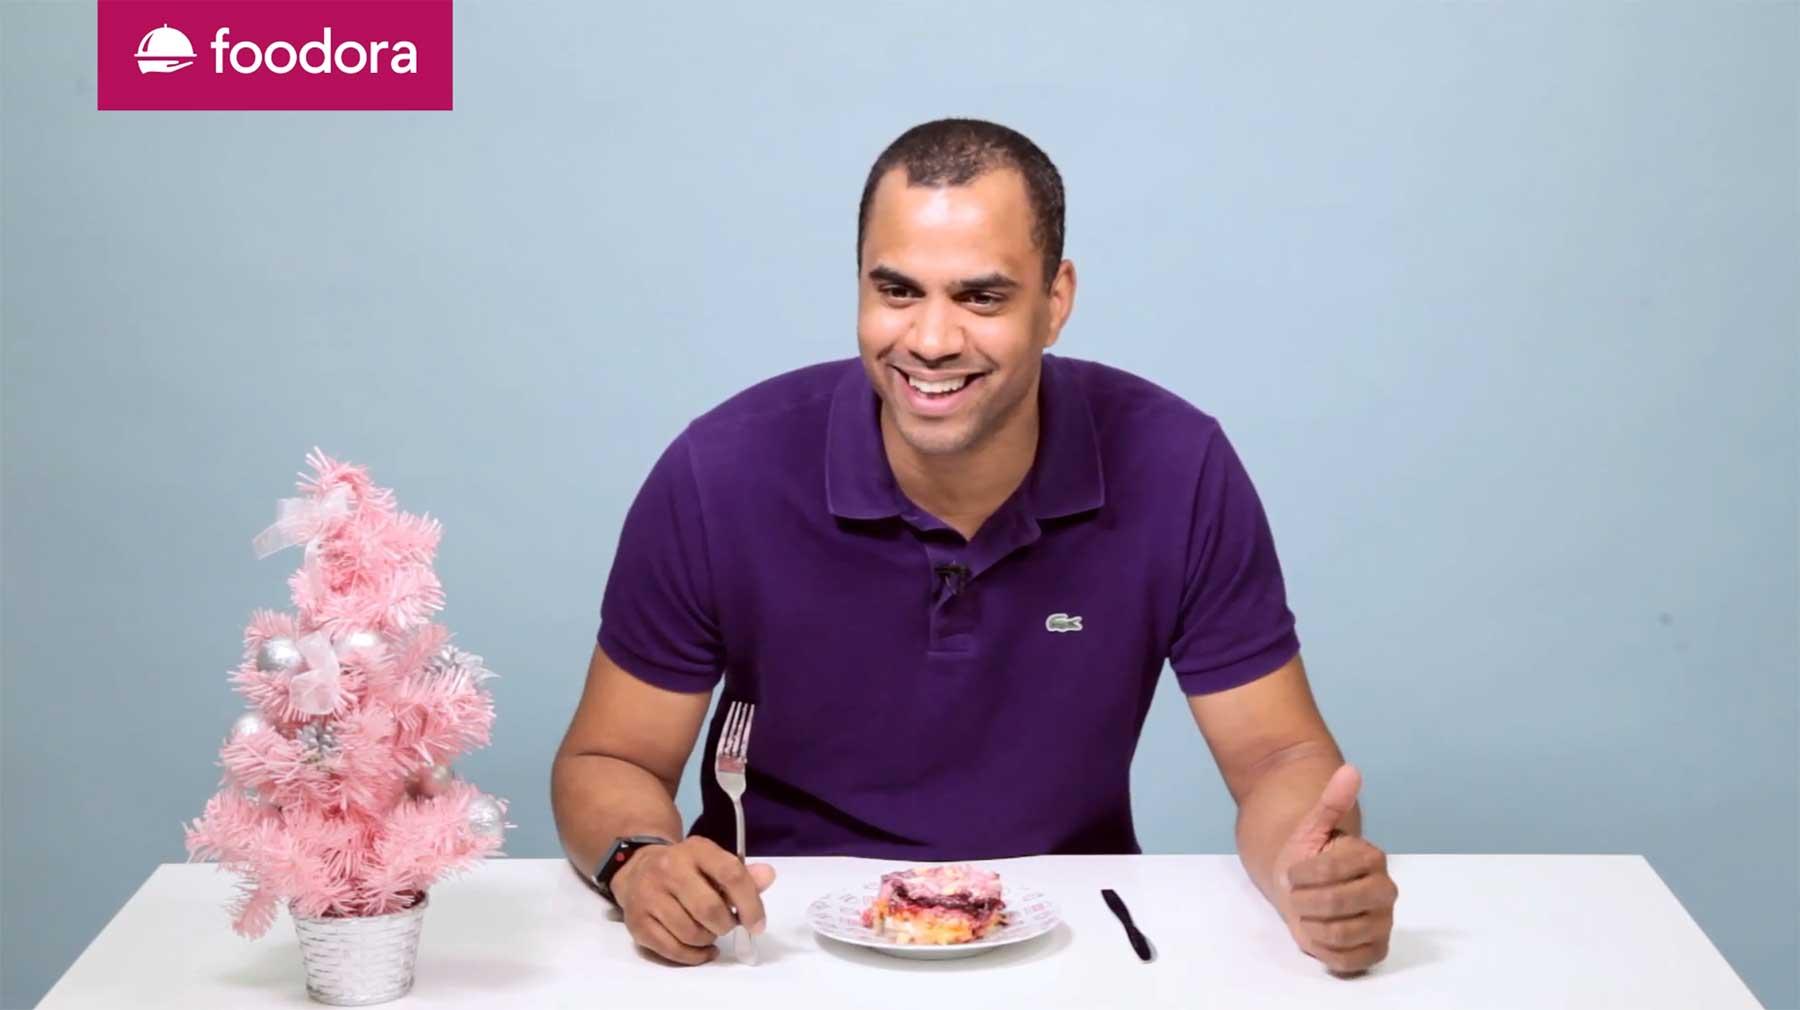 Patrice und Co. testen exotische Weihnachtsgerichte von foodora